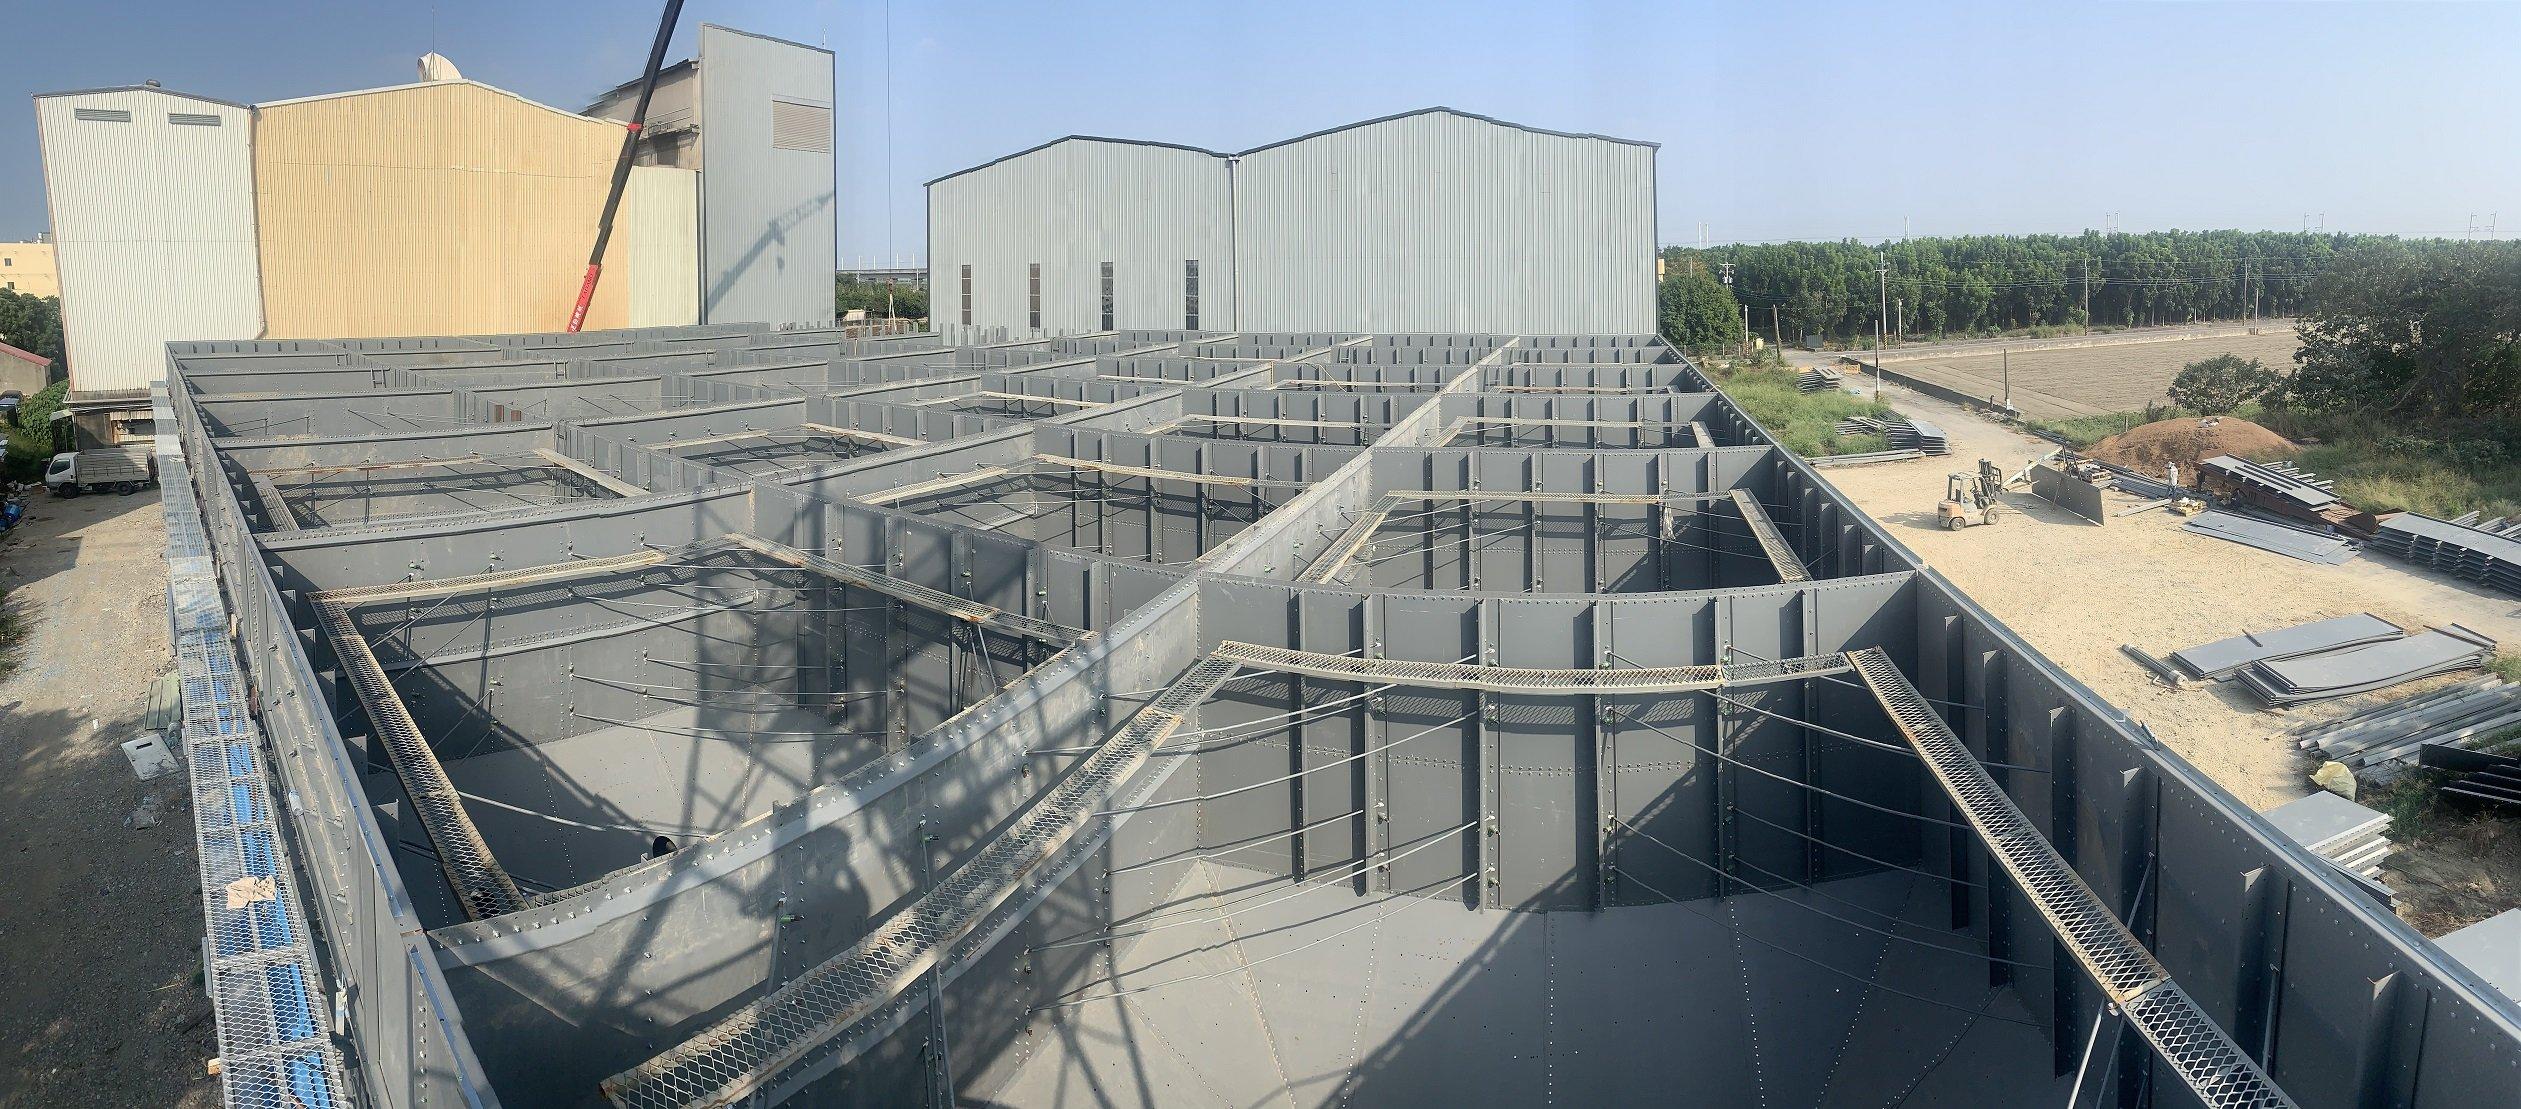 Nan-ho facility